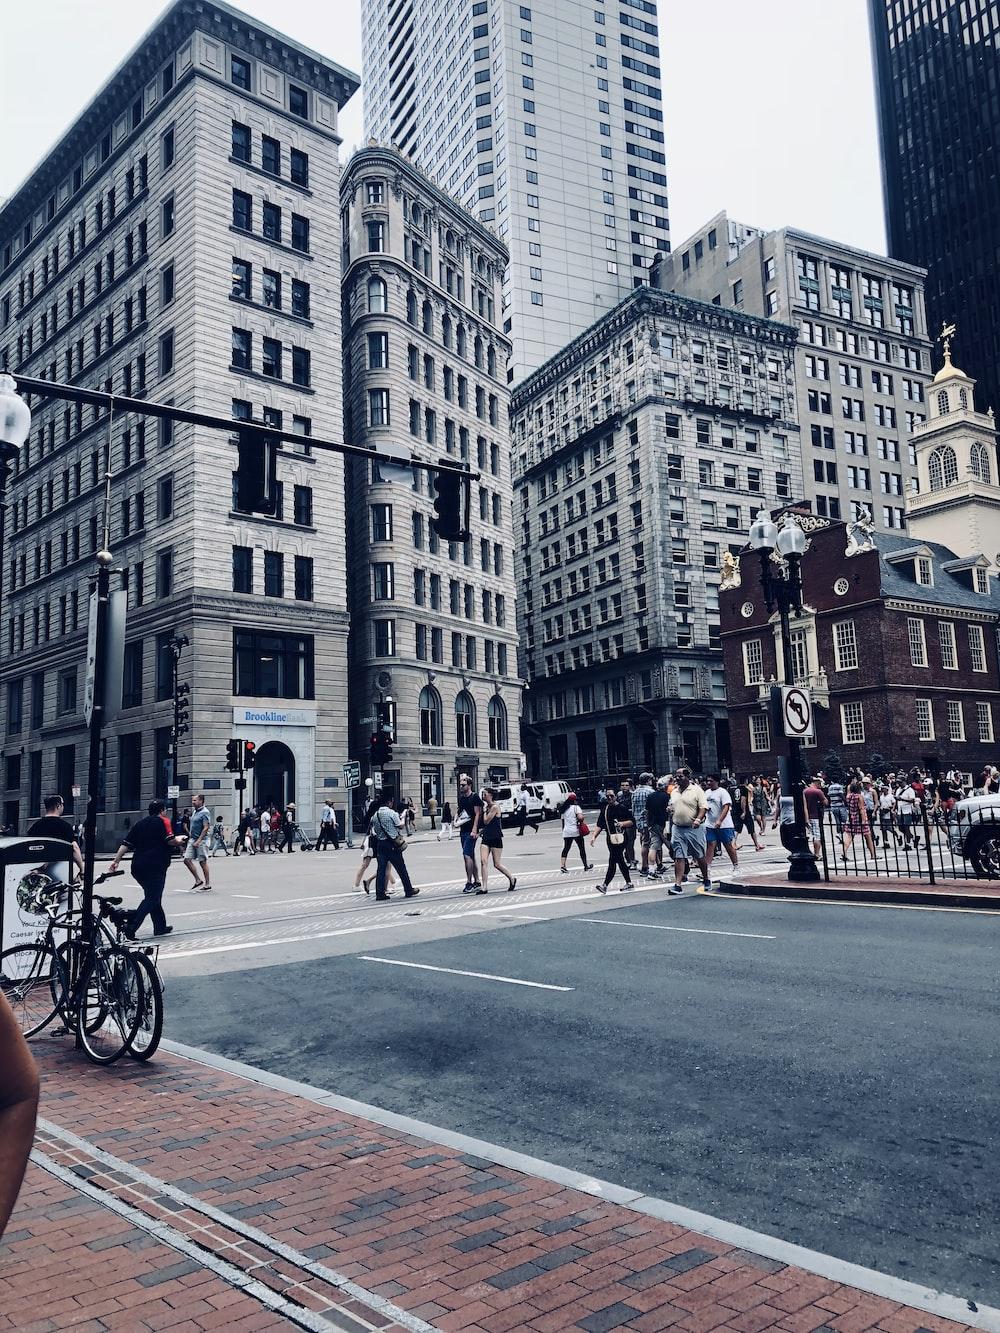 people walking on street crossing near grey tall buildings